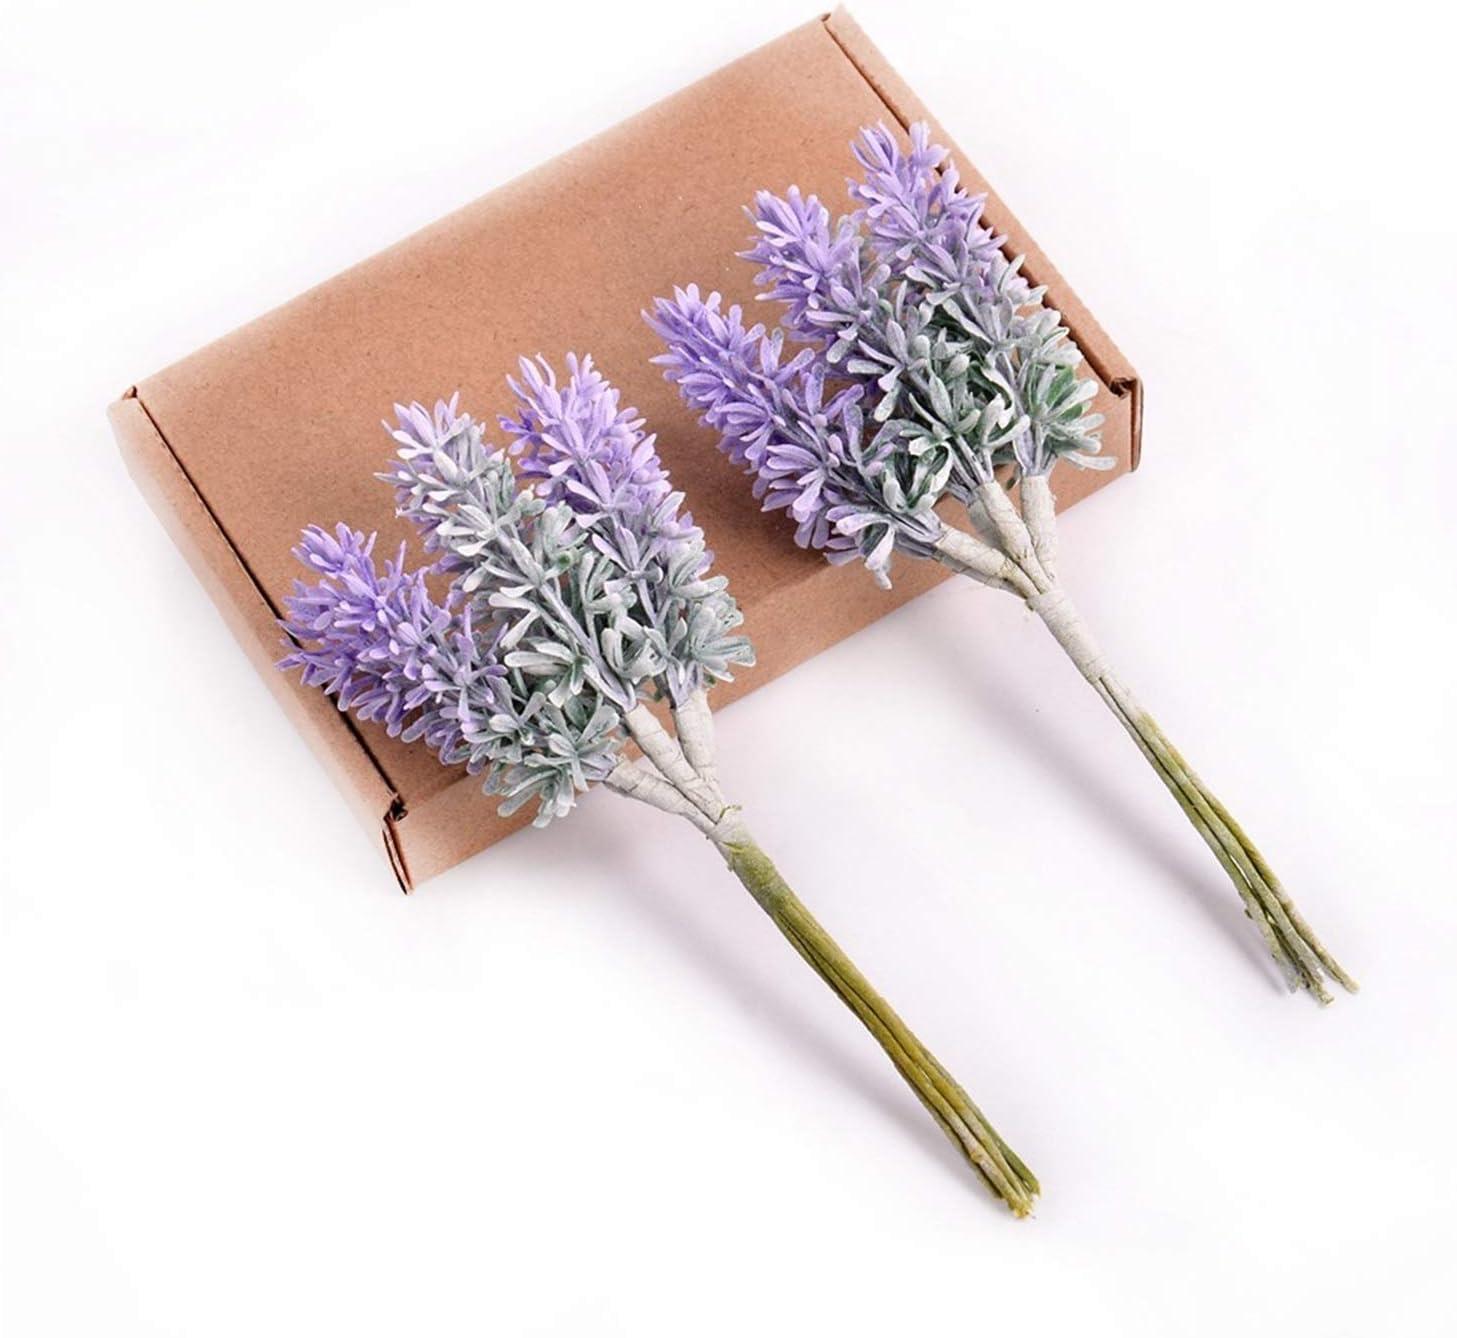 service JJSNN Artificial Flowers 6pcs Ranking TOP8 F Mini Lavender